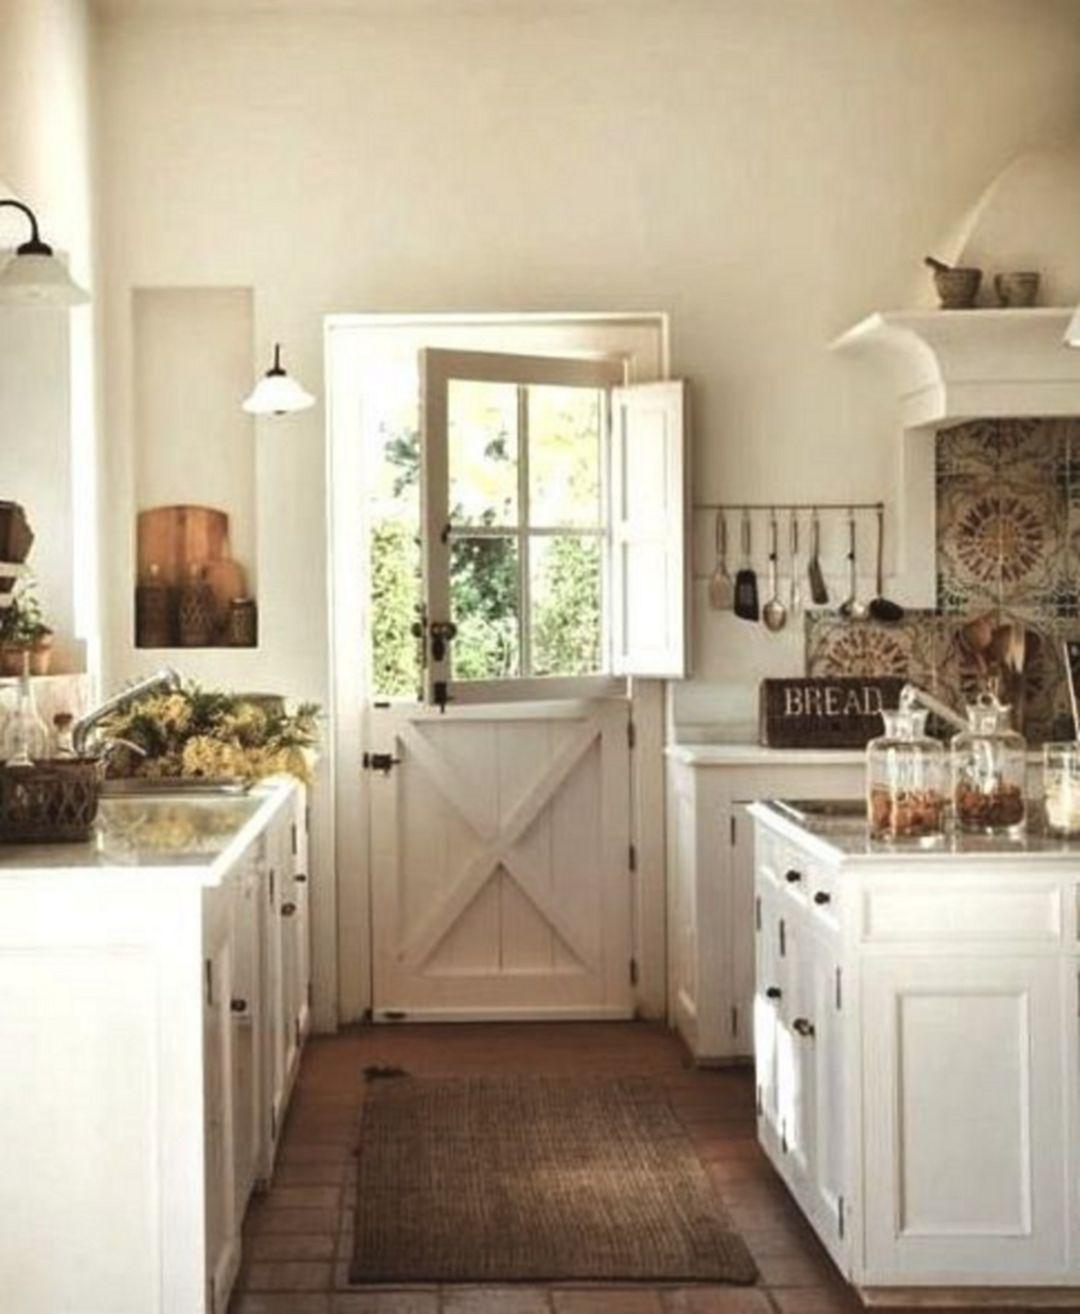 European Style Kitchen Remodeling Ideas: 25+ Cozy & Unique European Farmhouse Design Decor Ideas On